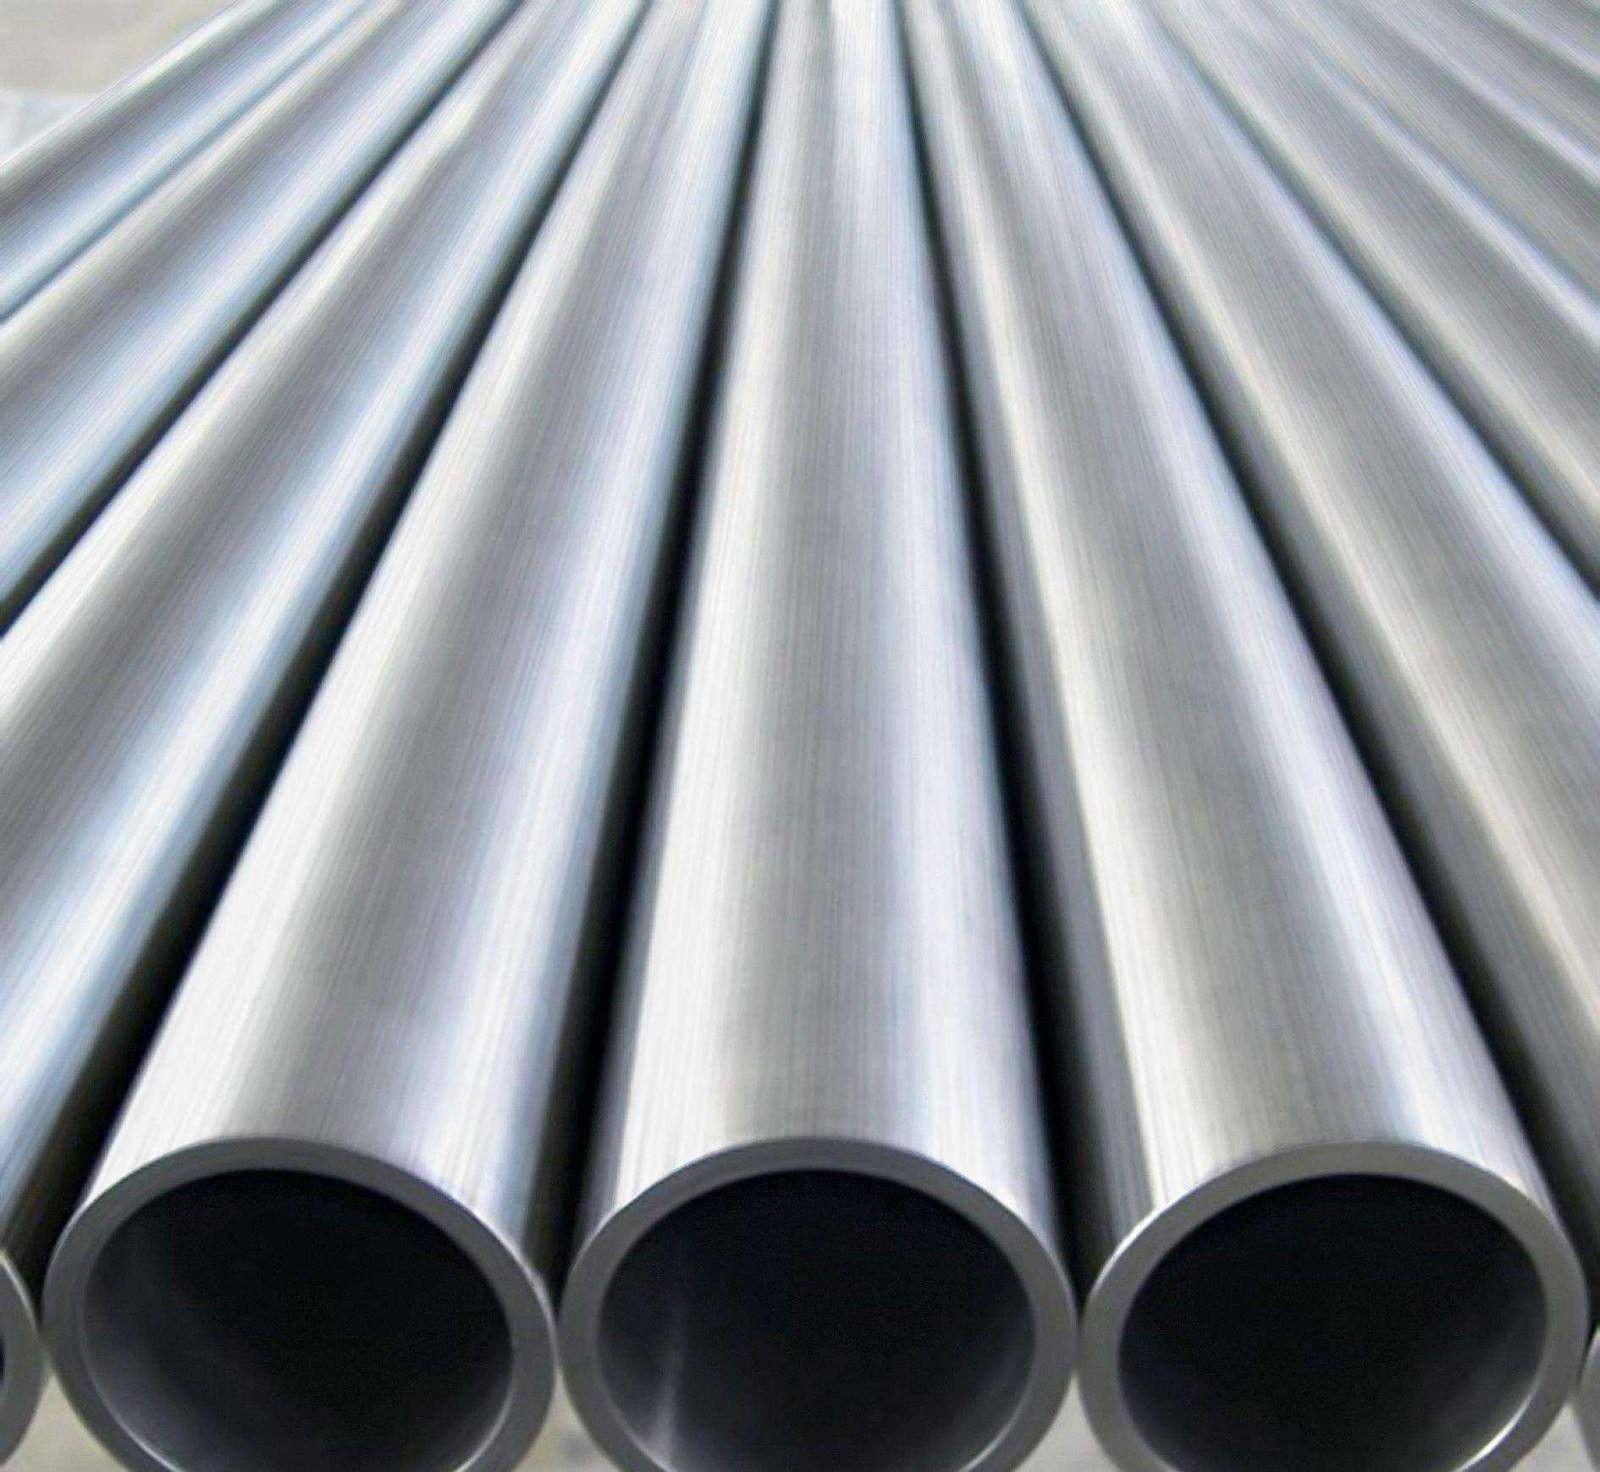 保定南区精密钢管厂使用的注意事项